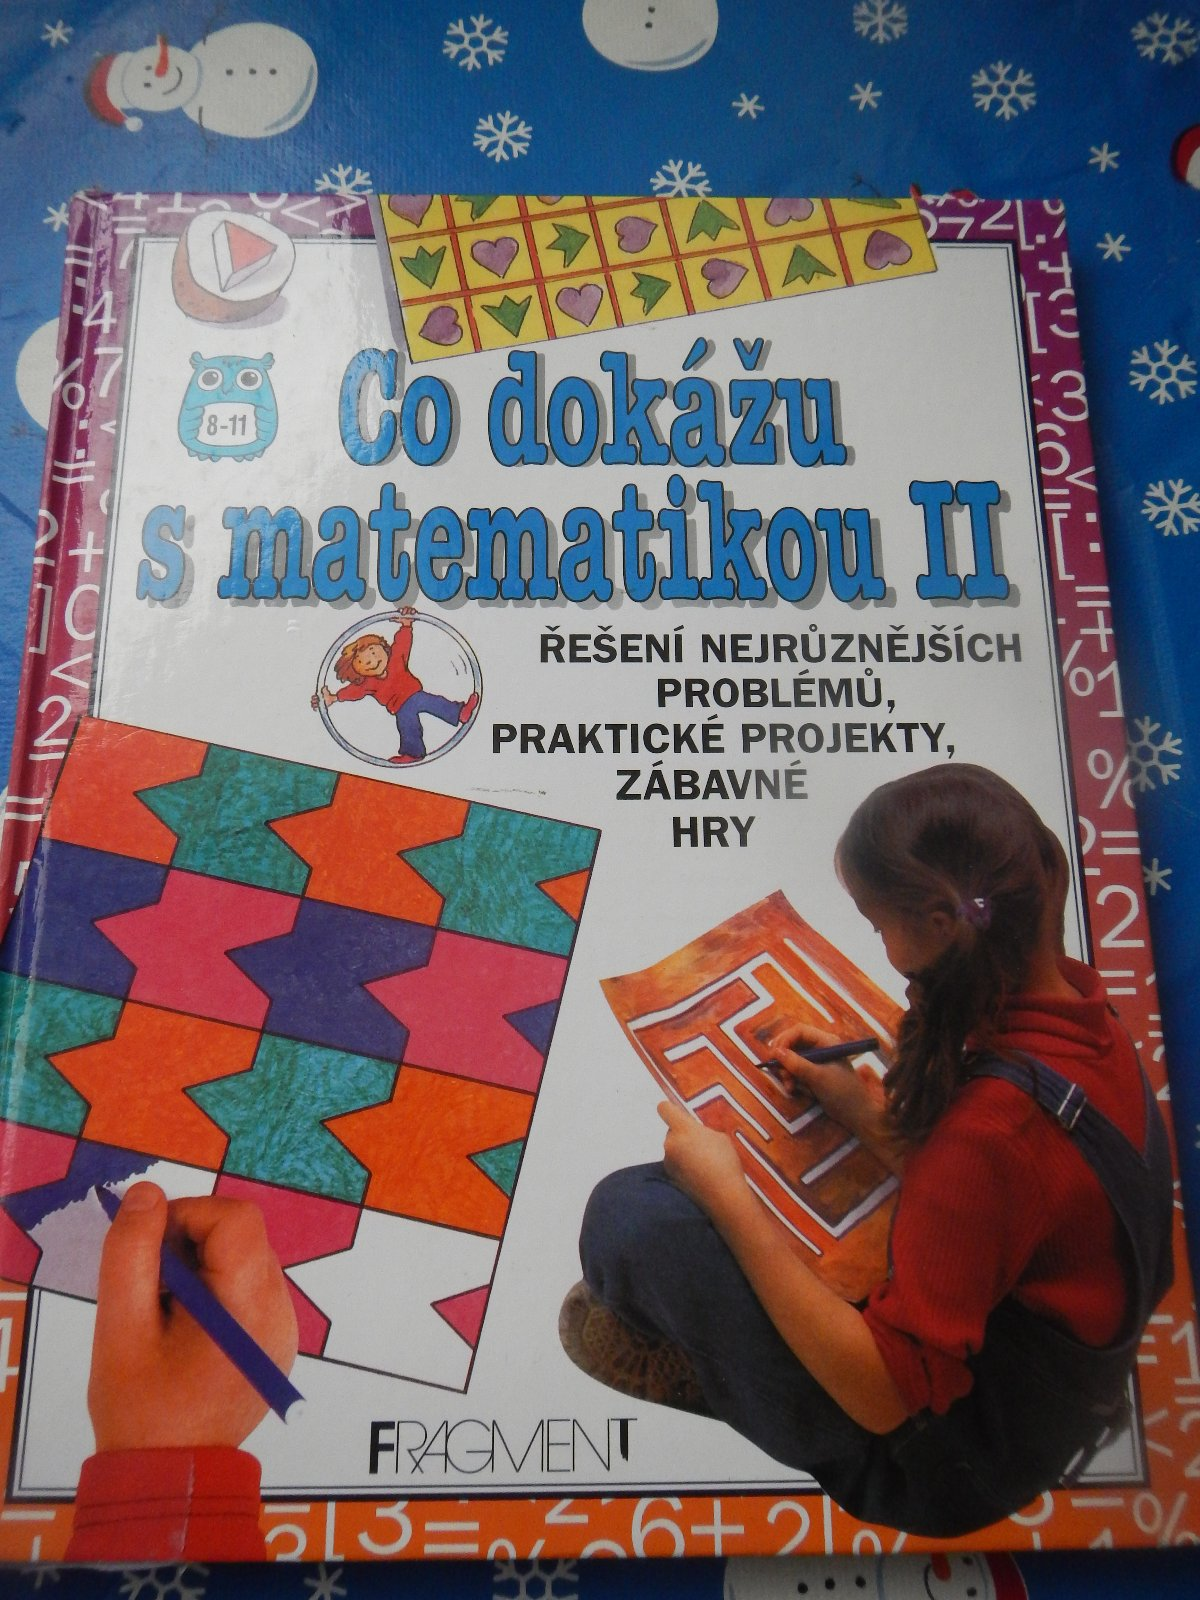 c593bf954a63 Co dokážu s matematikou ii